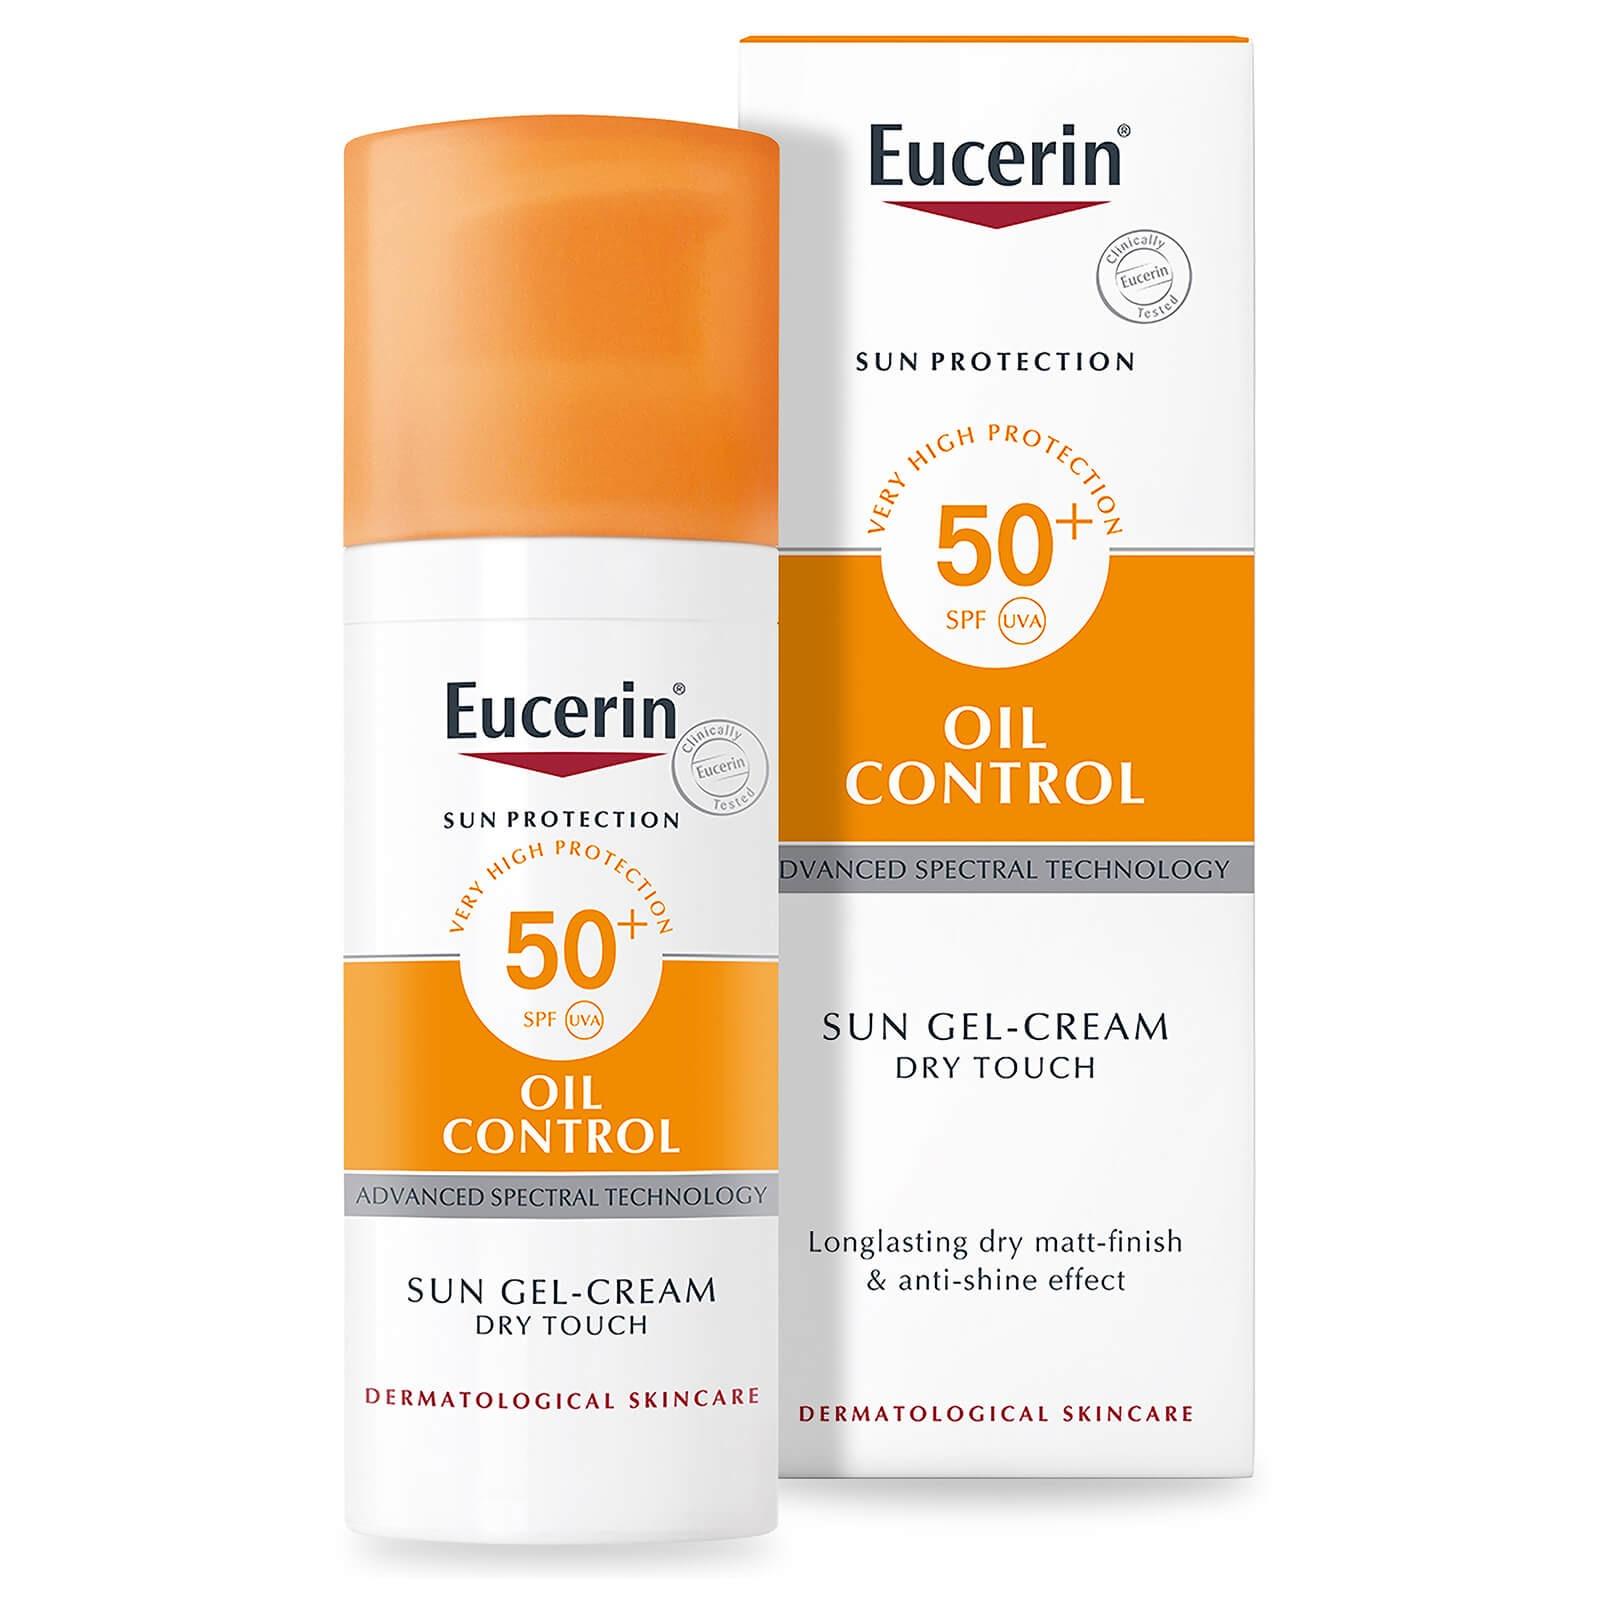 【李汶翰同款】Eucerin 優色林 控油清爽面部防曬乳 SPF50+